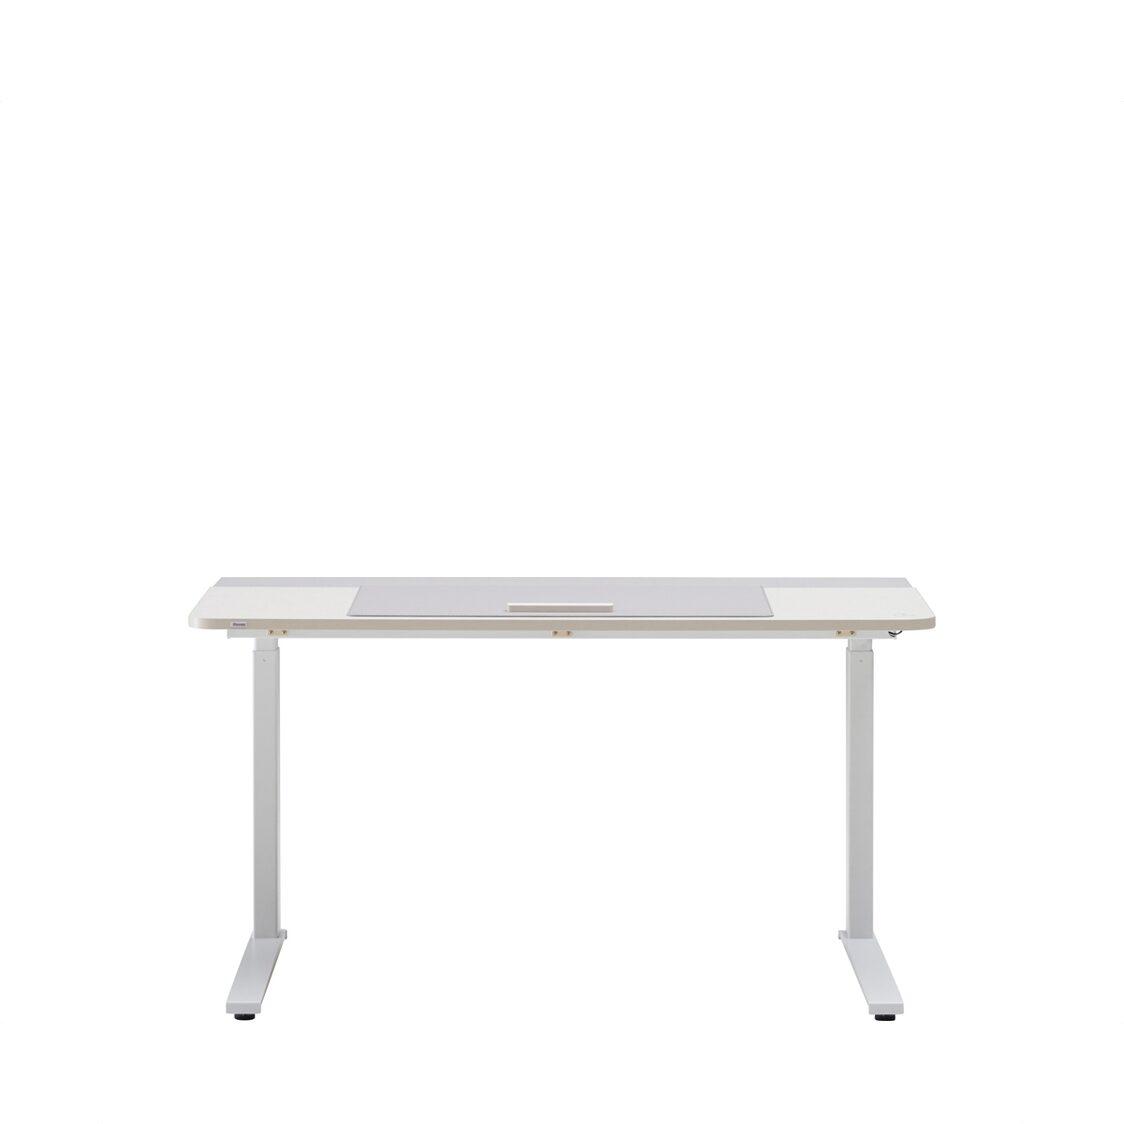 Iloom ITHACA-NEO Motion Desk HSMD114-FIVGYM